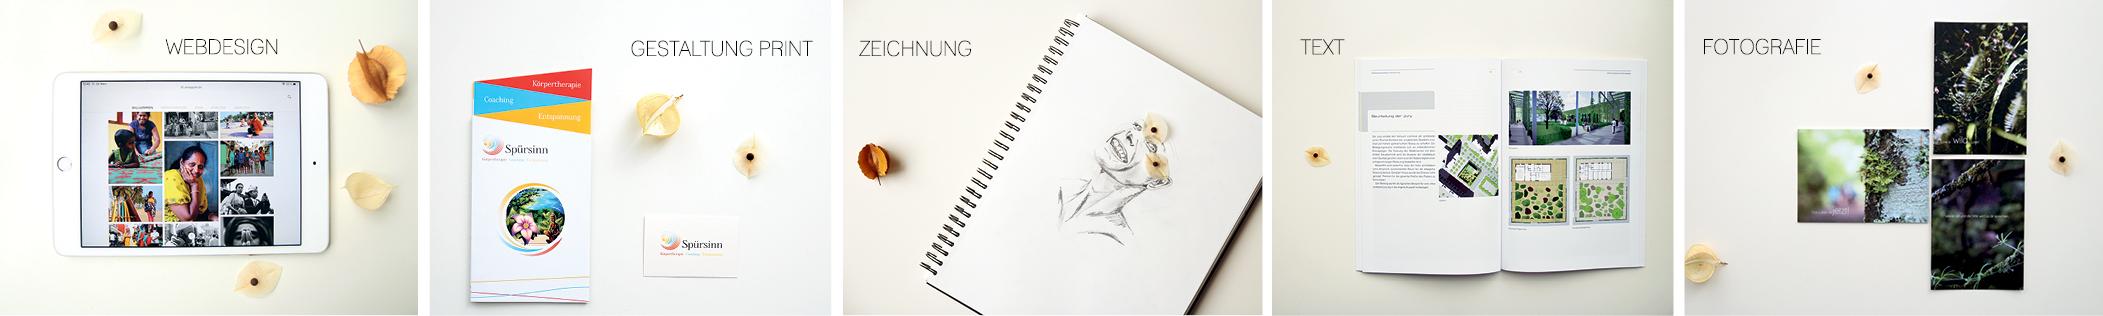 Mein Portfolio in Bildern: Tablet - Webdesign, Flyer und Visitenkarte - Gestaltung Print, Bleistiftporträt - Zeichnung, Strategie, Magazin/Katalog - Textarbeit, Naturbilder als Postkarten - Fotografie